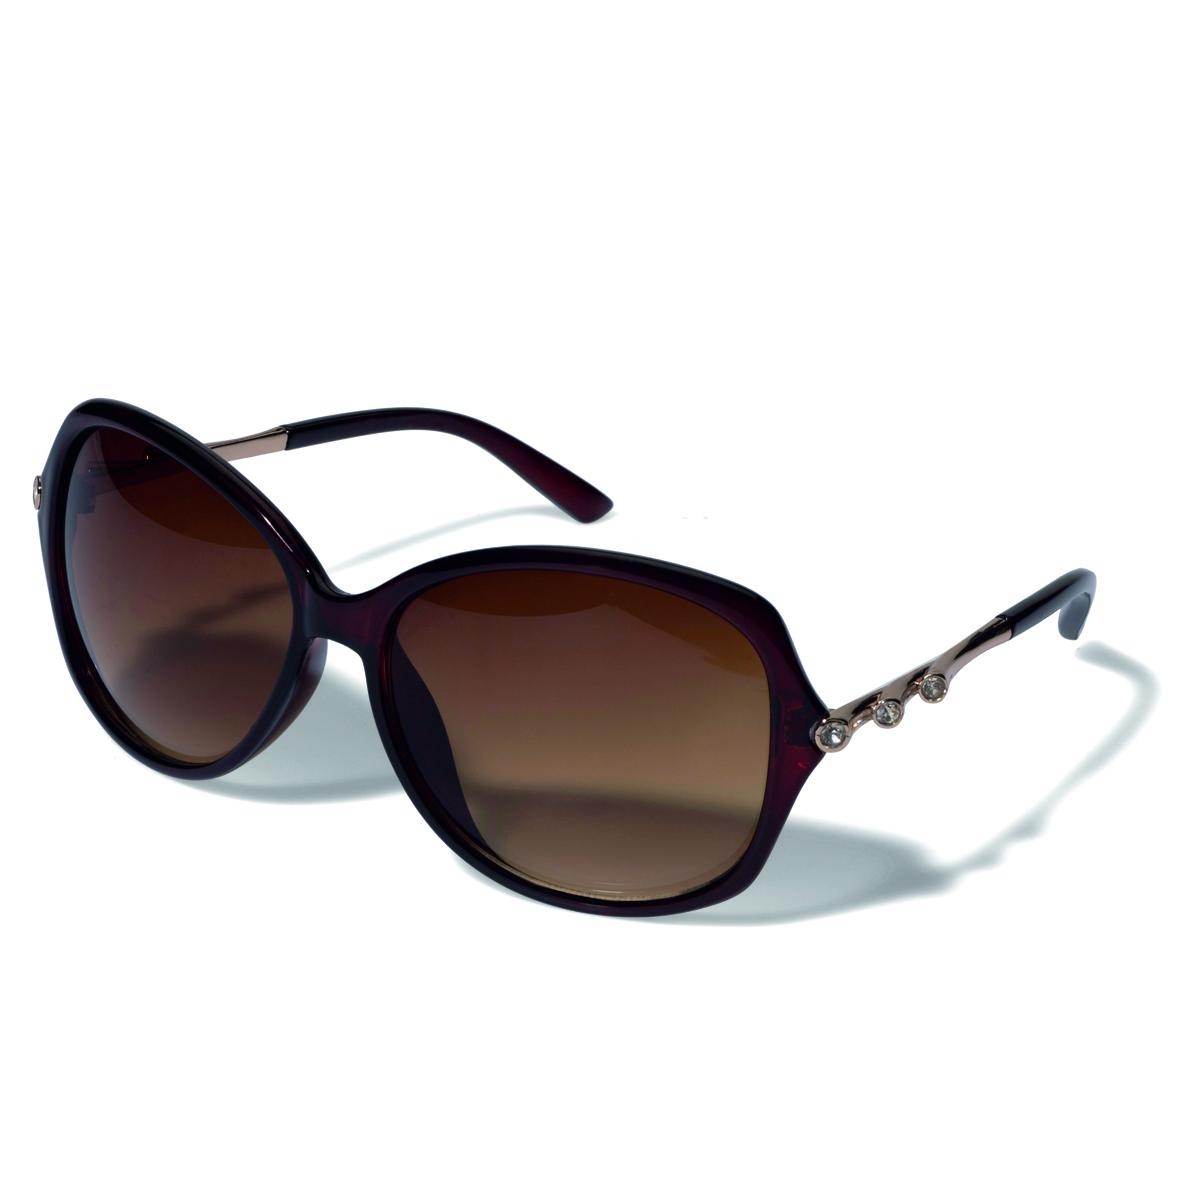 New Yorker SUNGLASSES Sunglasses 53 040 brown 99000 RSD New Yorker vam predlaže: Najbolje naočare za sunce